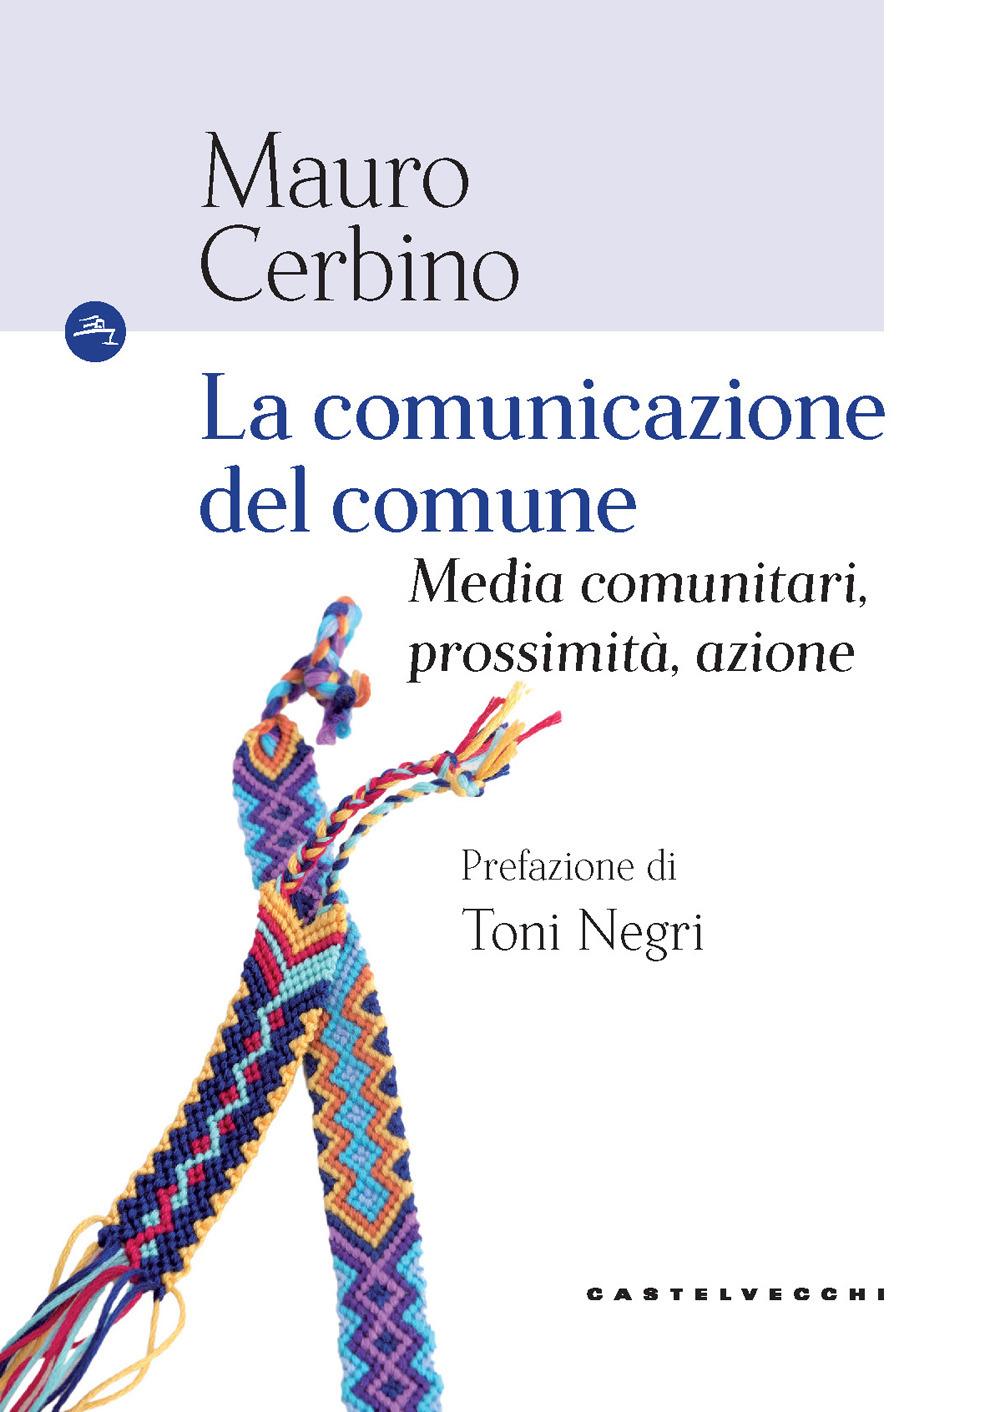 COMUNICAZIONE DEL COMUNE - Cerbino Mauro - 9788832827279